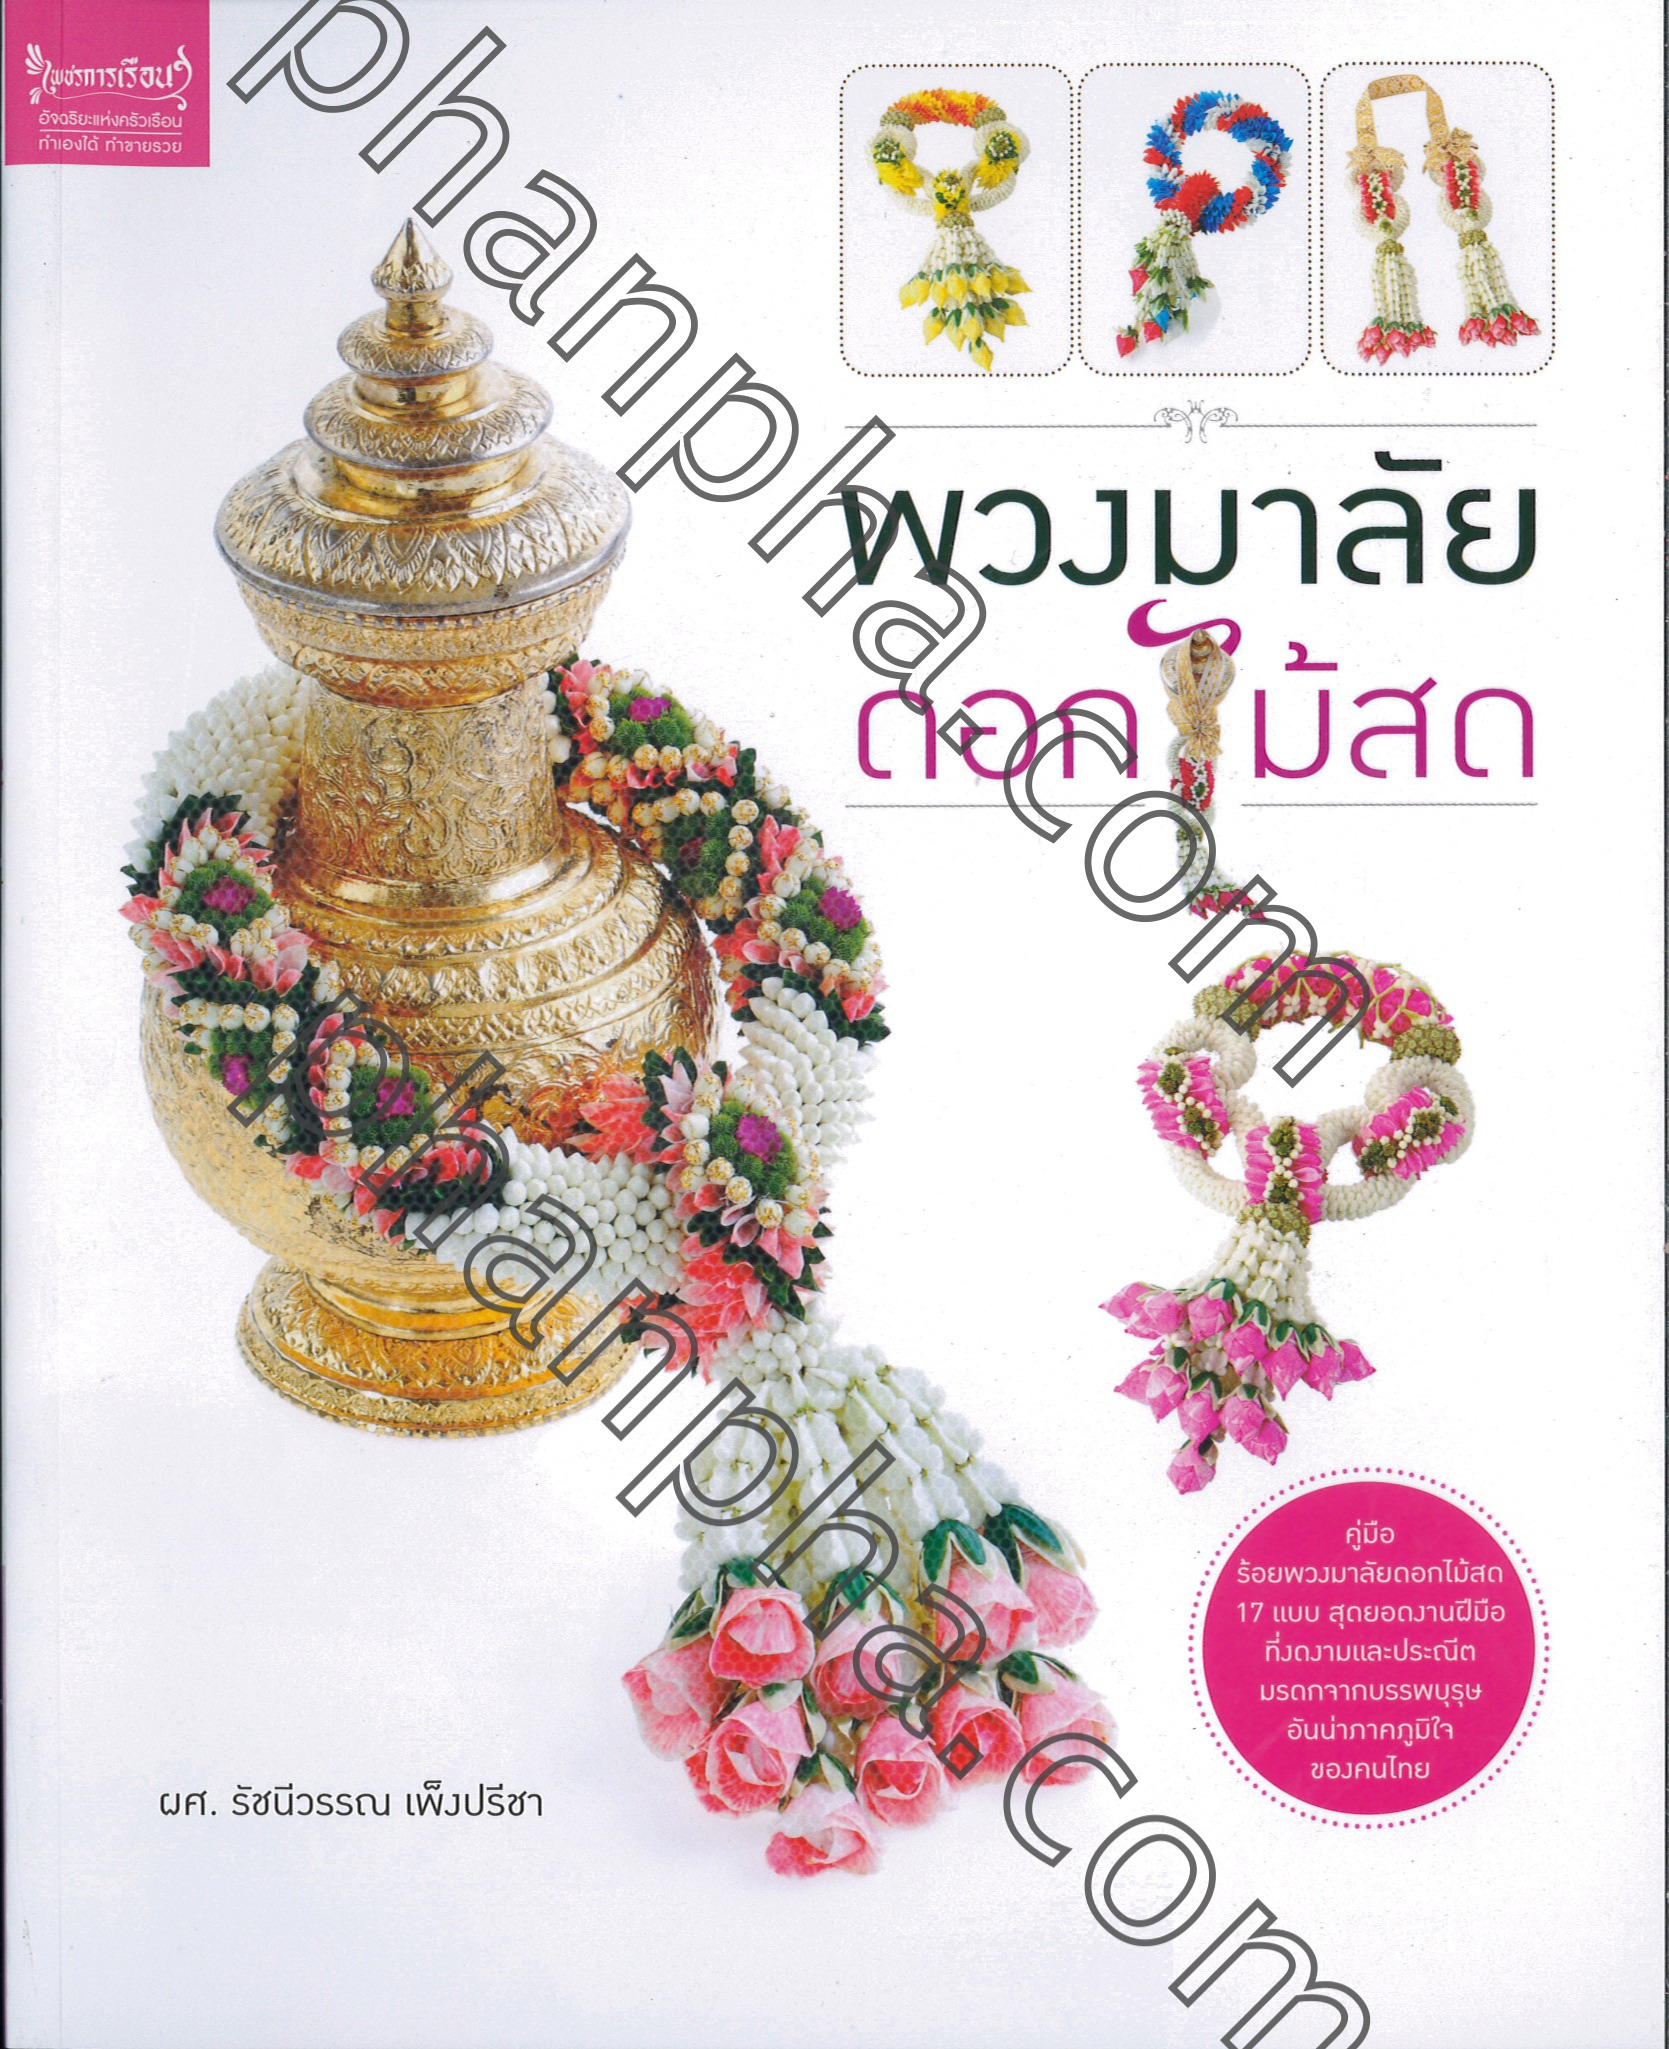 พวงมาลัย: Phanpha Book Center - ผ่านฟ้าบุ๊คเซ็นเตอร์